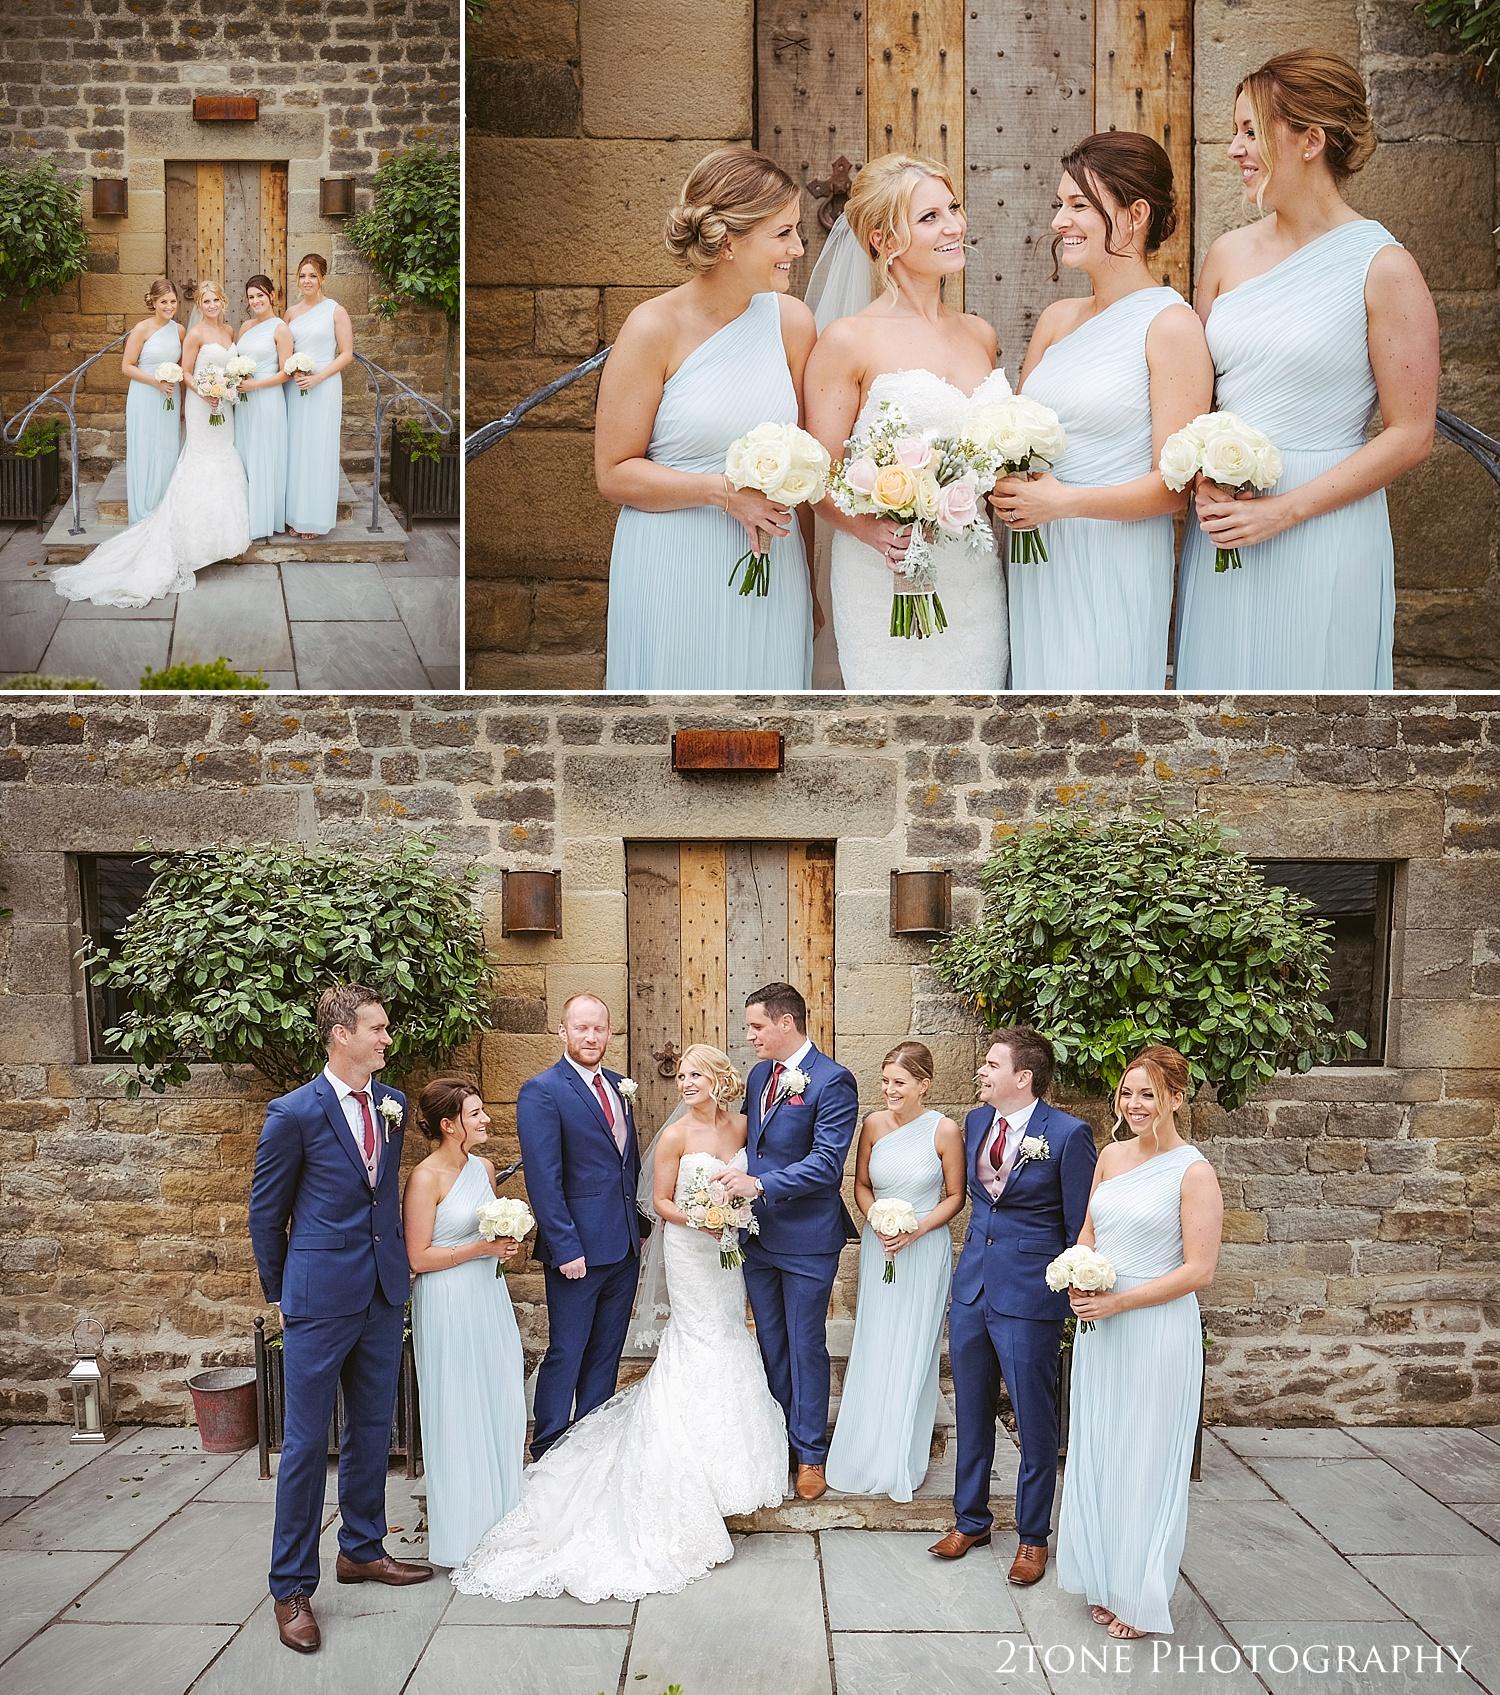 Bridal party at Healey Barn by wedding photography team, 2tone Photography www.2tonephotography.co.uk